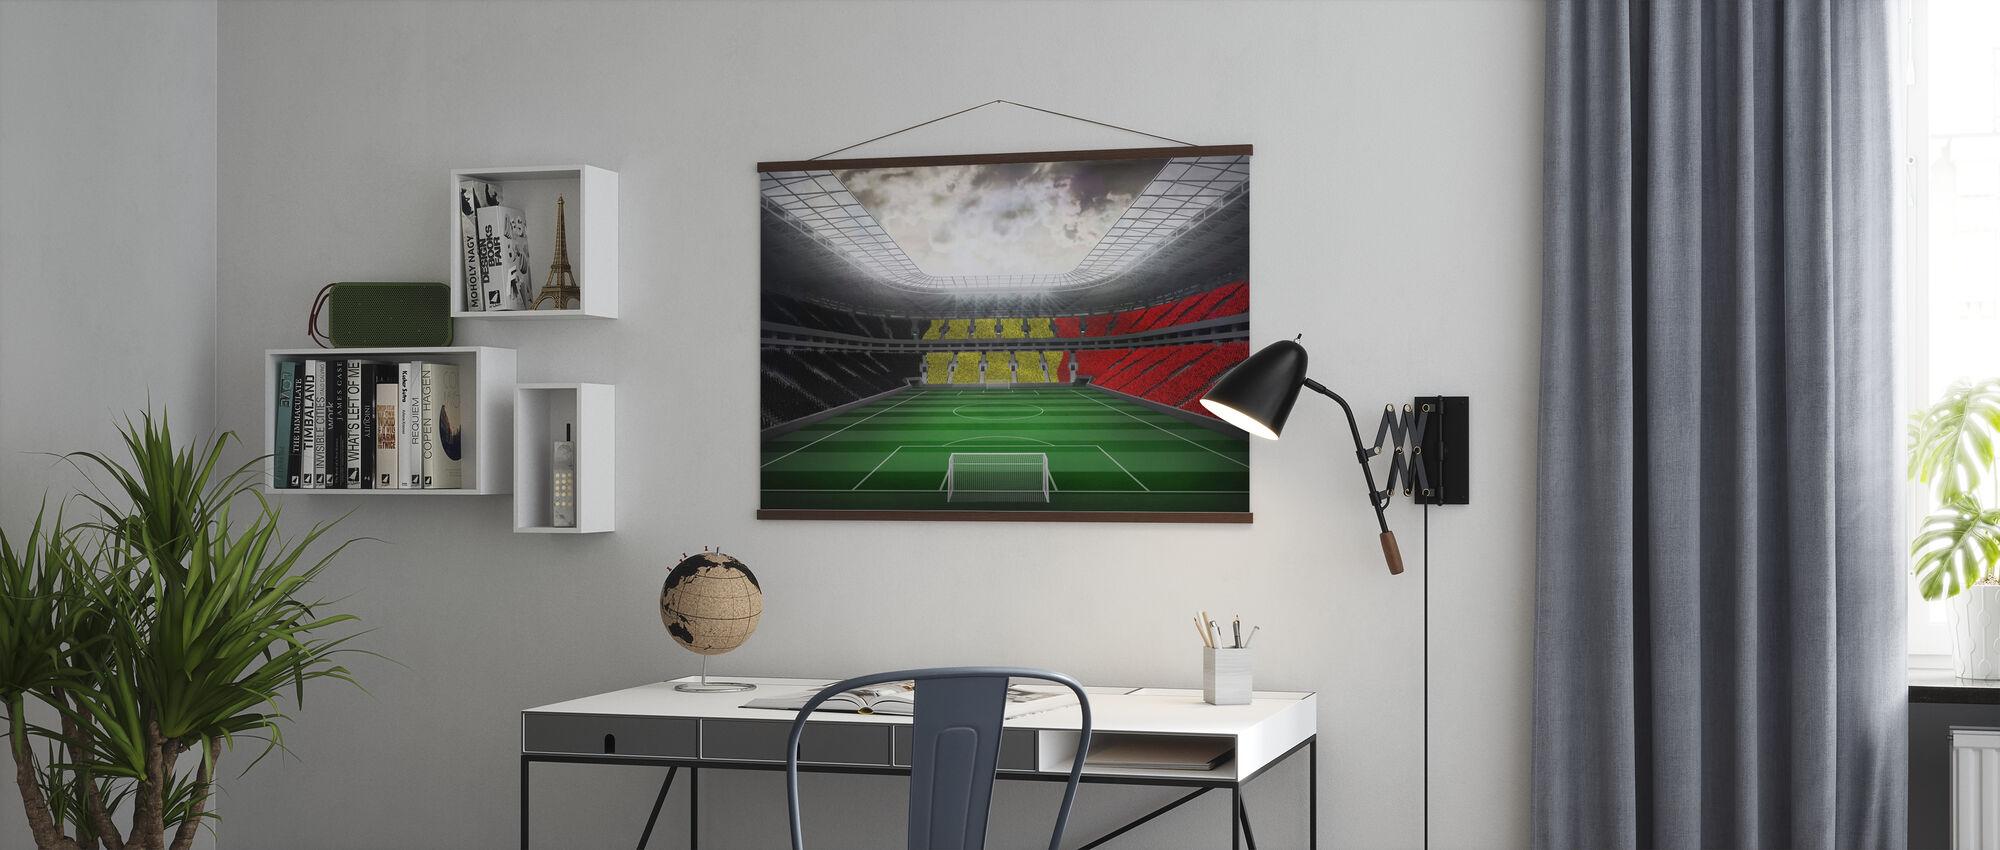 Giant Soccer Stadium - Poster - Office